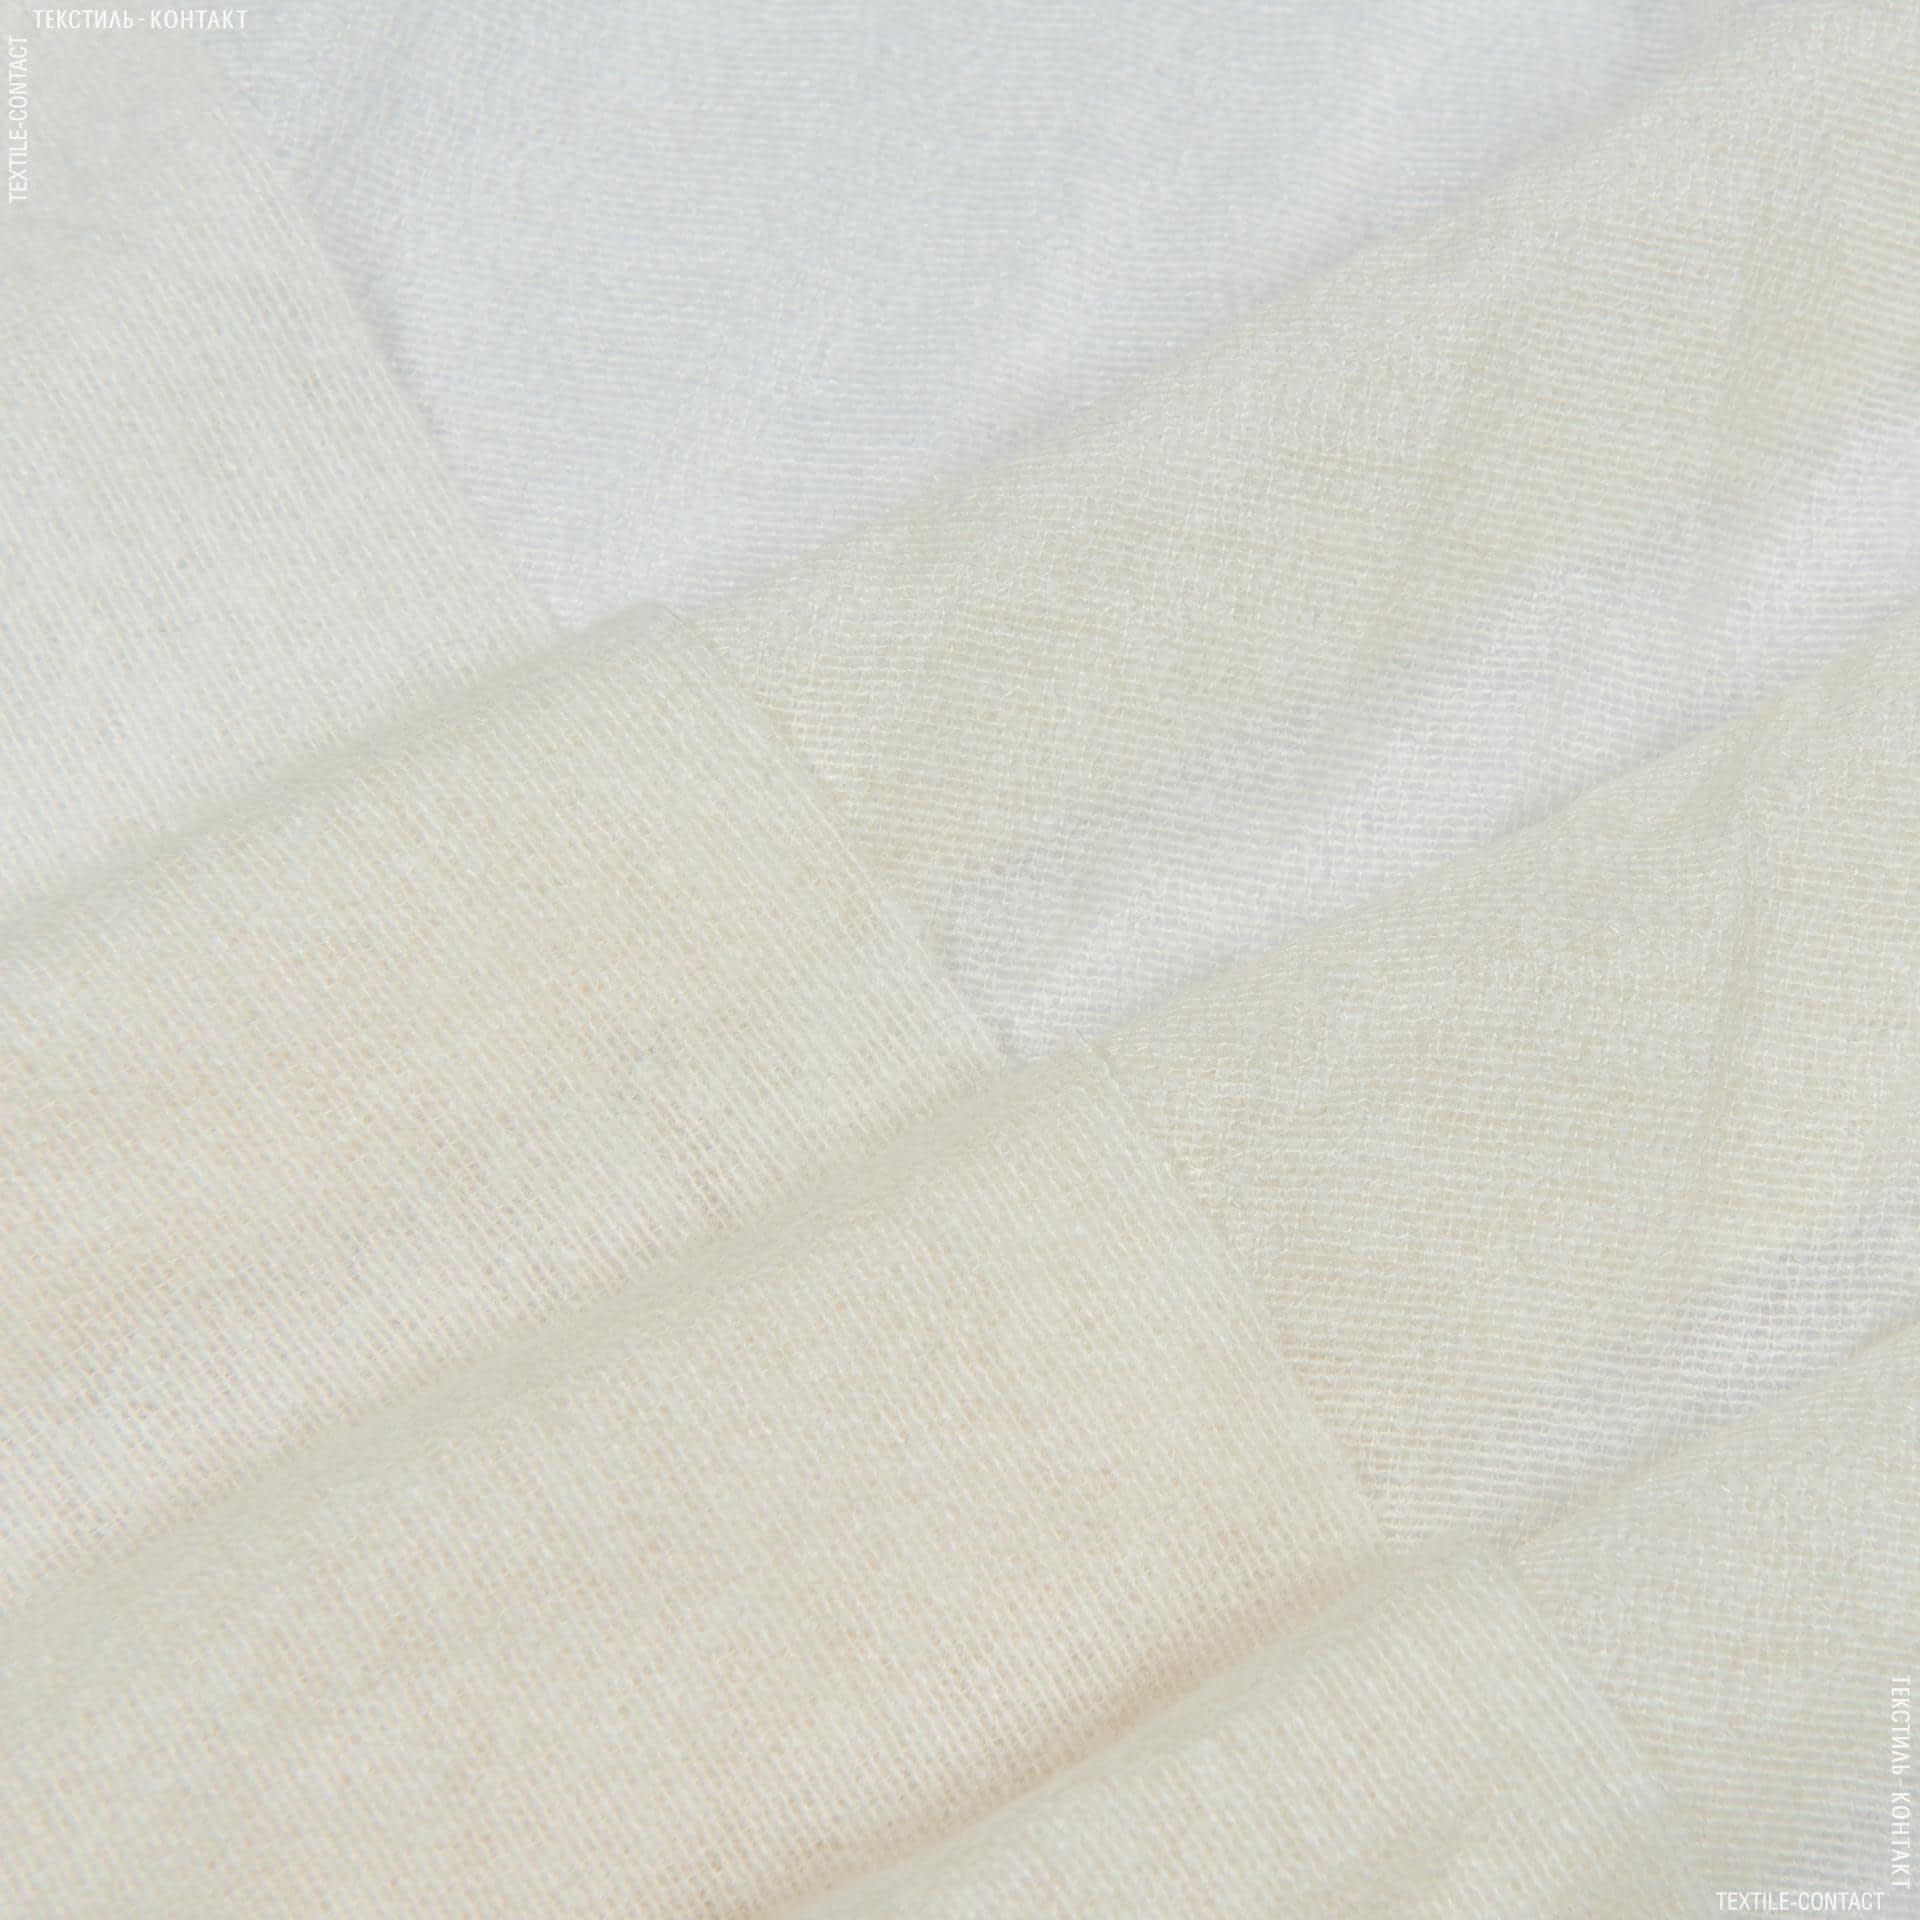 Ткани дублирин, флизелин - Дублирин трик. белый 80г/м